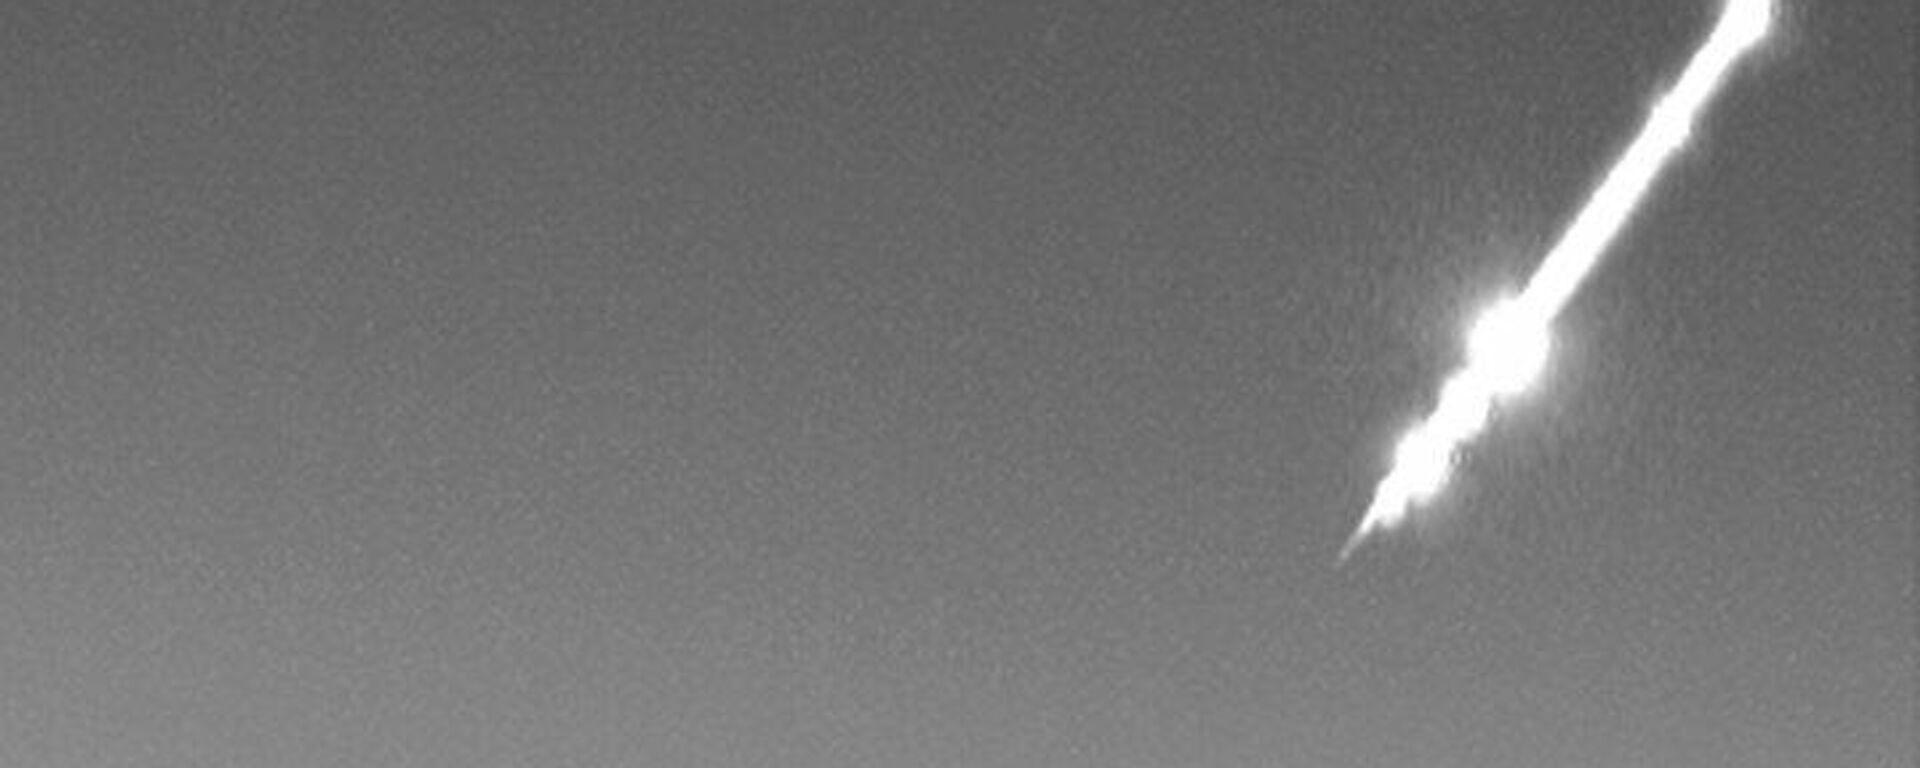 Bola de fuego vista el 16 de febrero en Andalucía - Sputnik Mundo, 1920, 16.03.2021